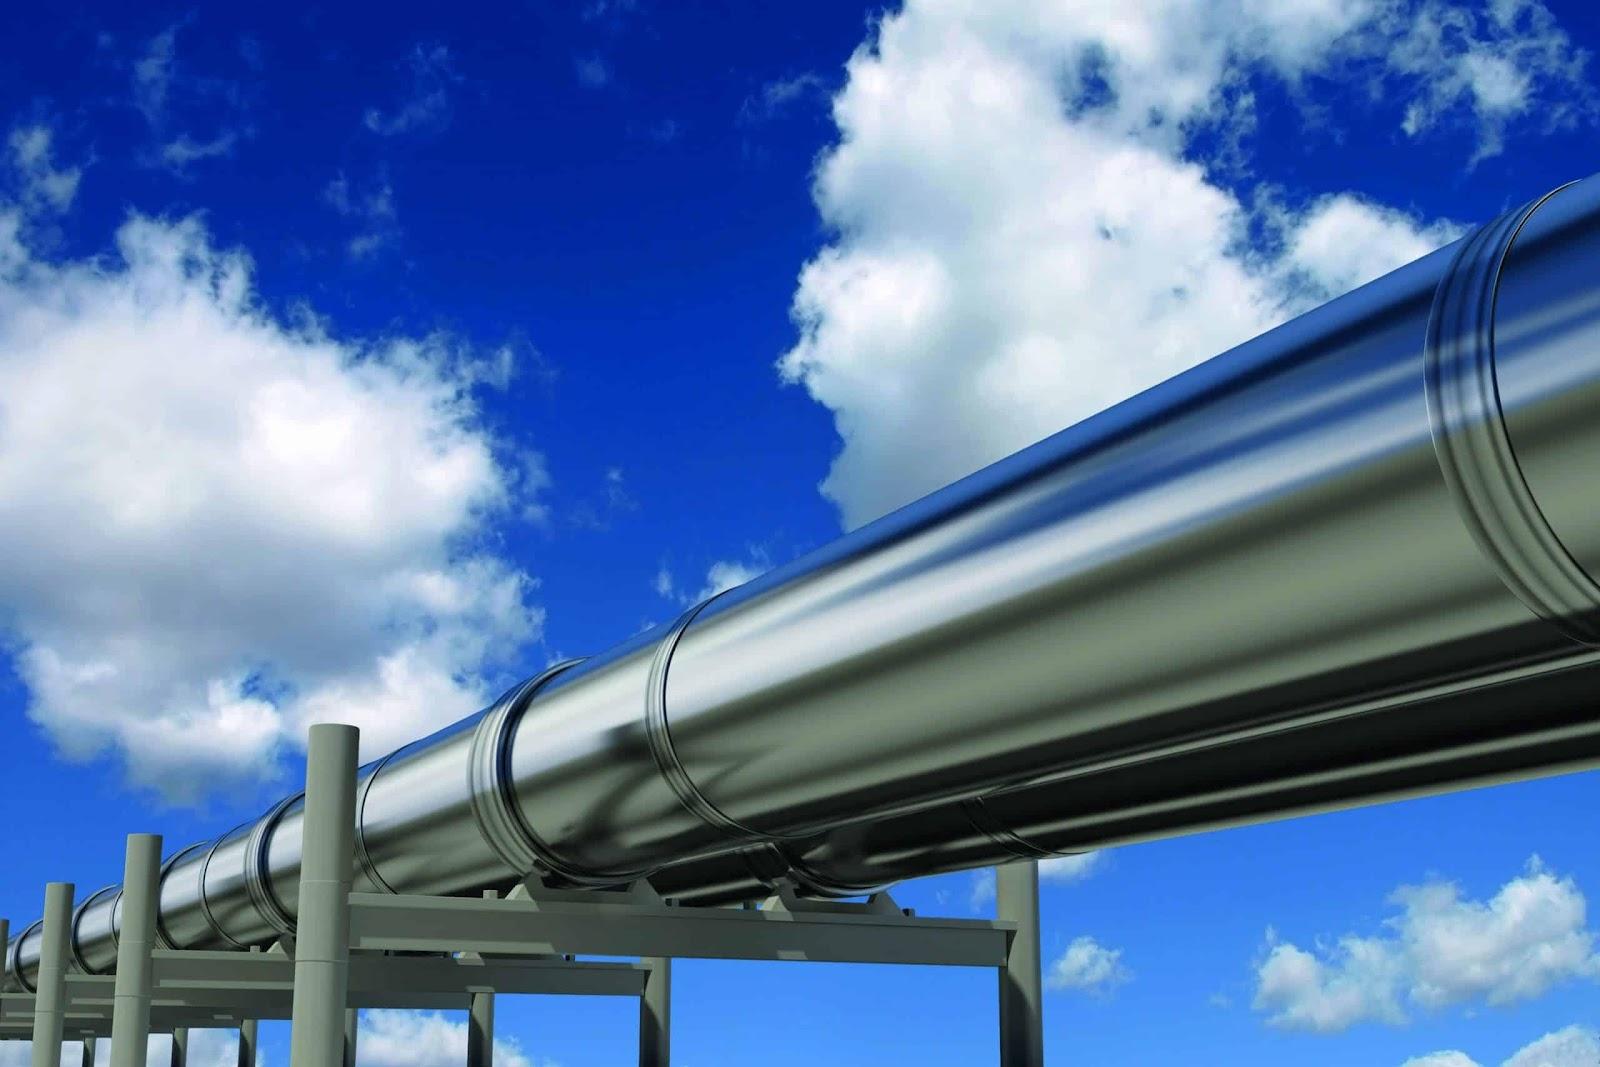 Thép ống chất lượng cao có thể đạt tuổi thọ lên đến 100 năm